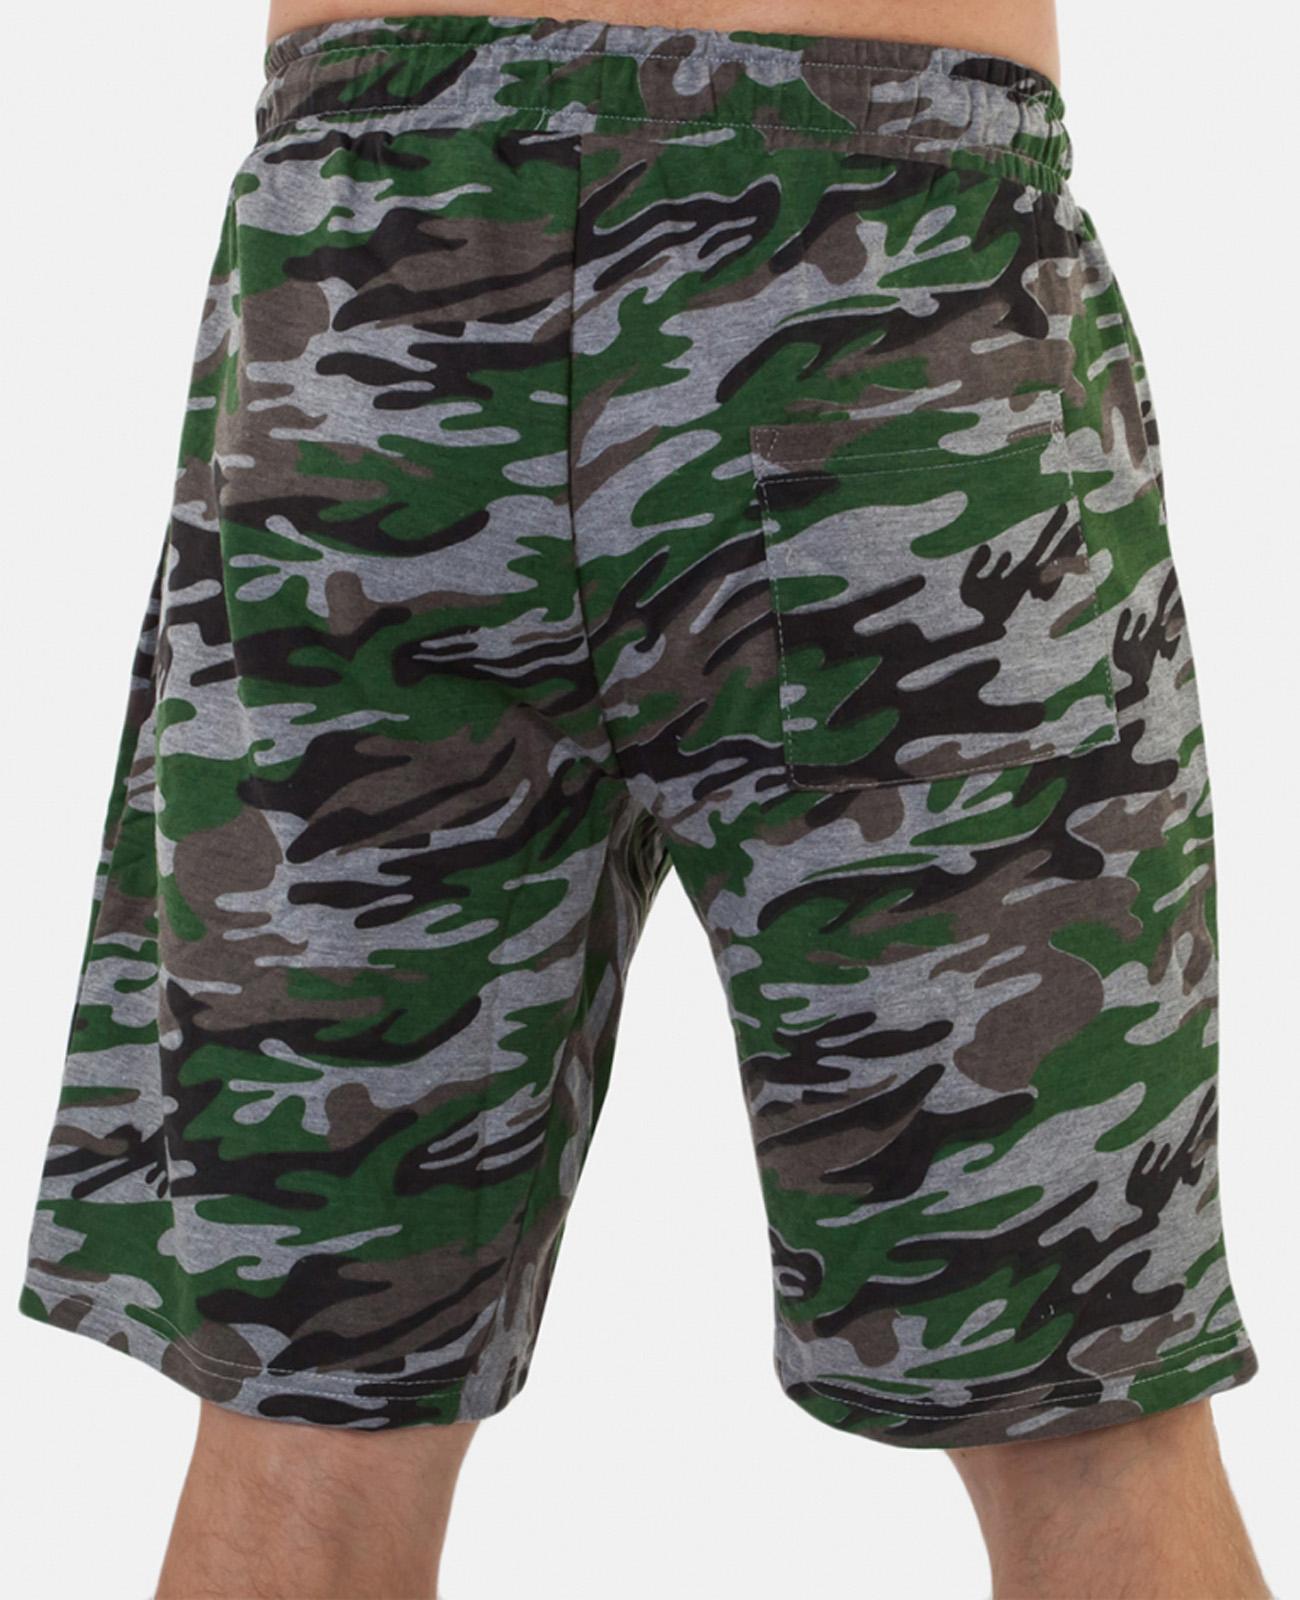 Зачетные мужские шорты нашивкой ФСО - заказать по низкой цене